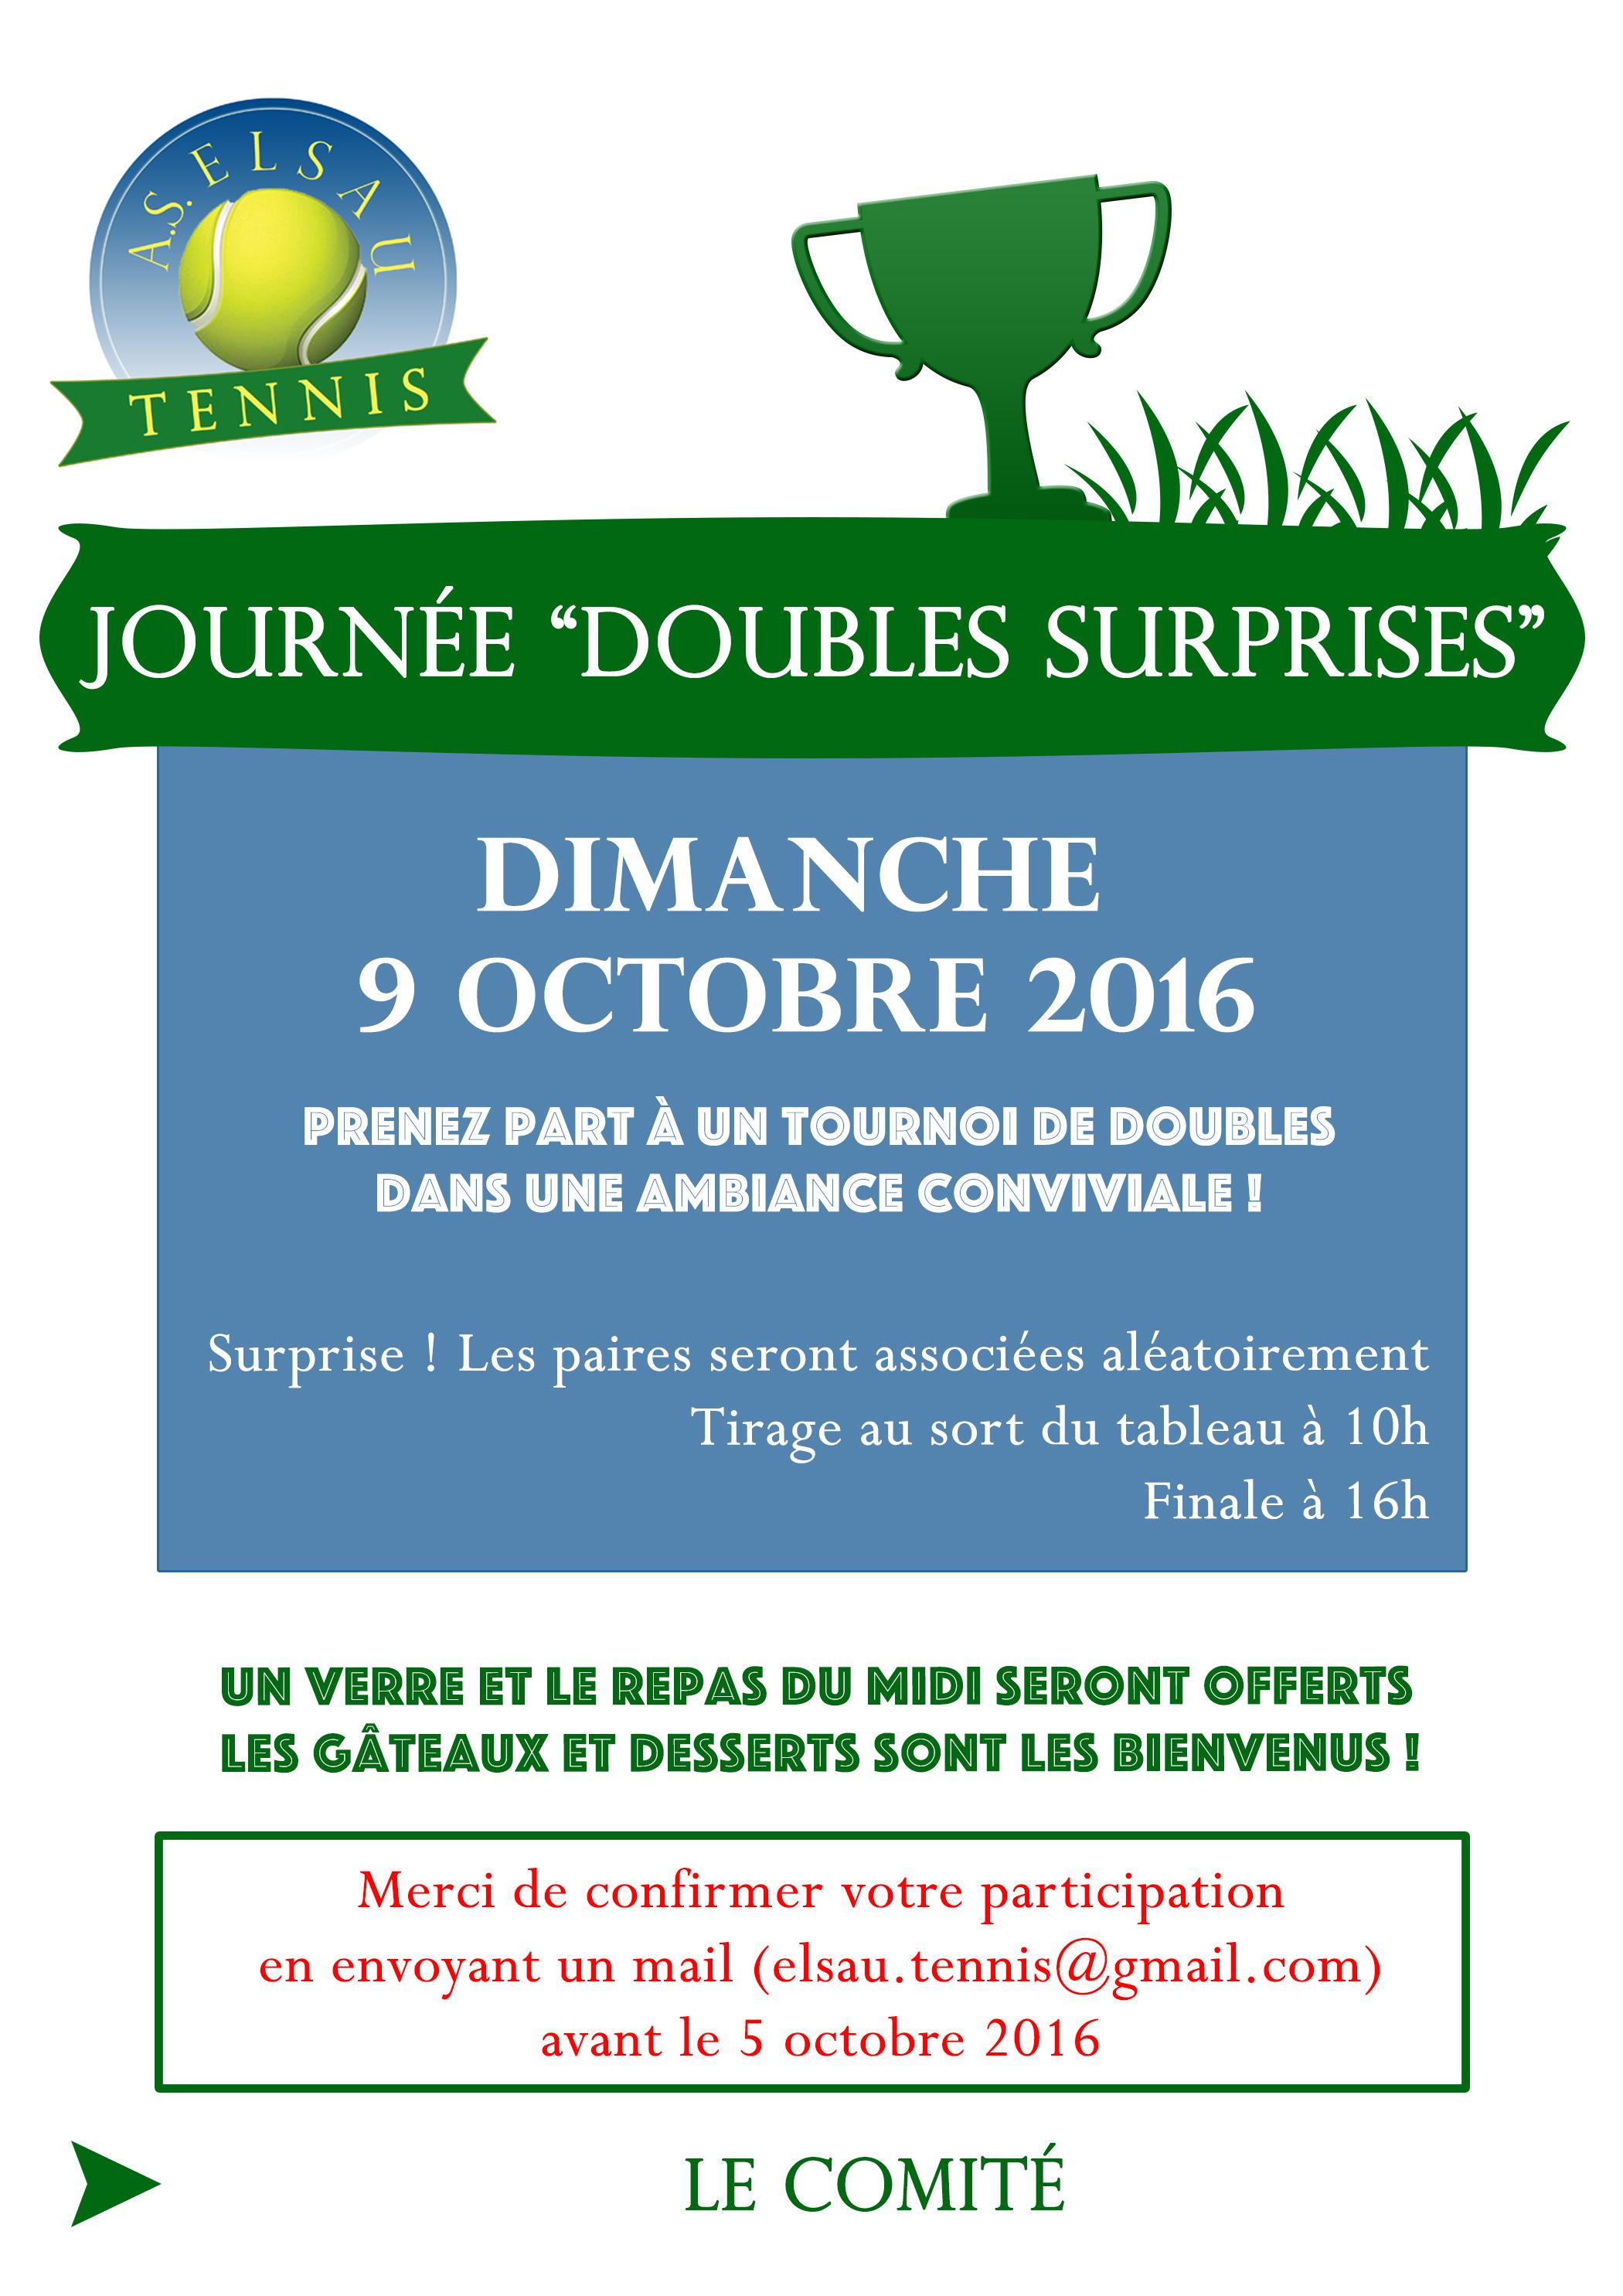 Doubles Surprises 9 octobre 2016